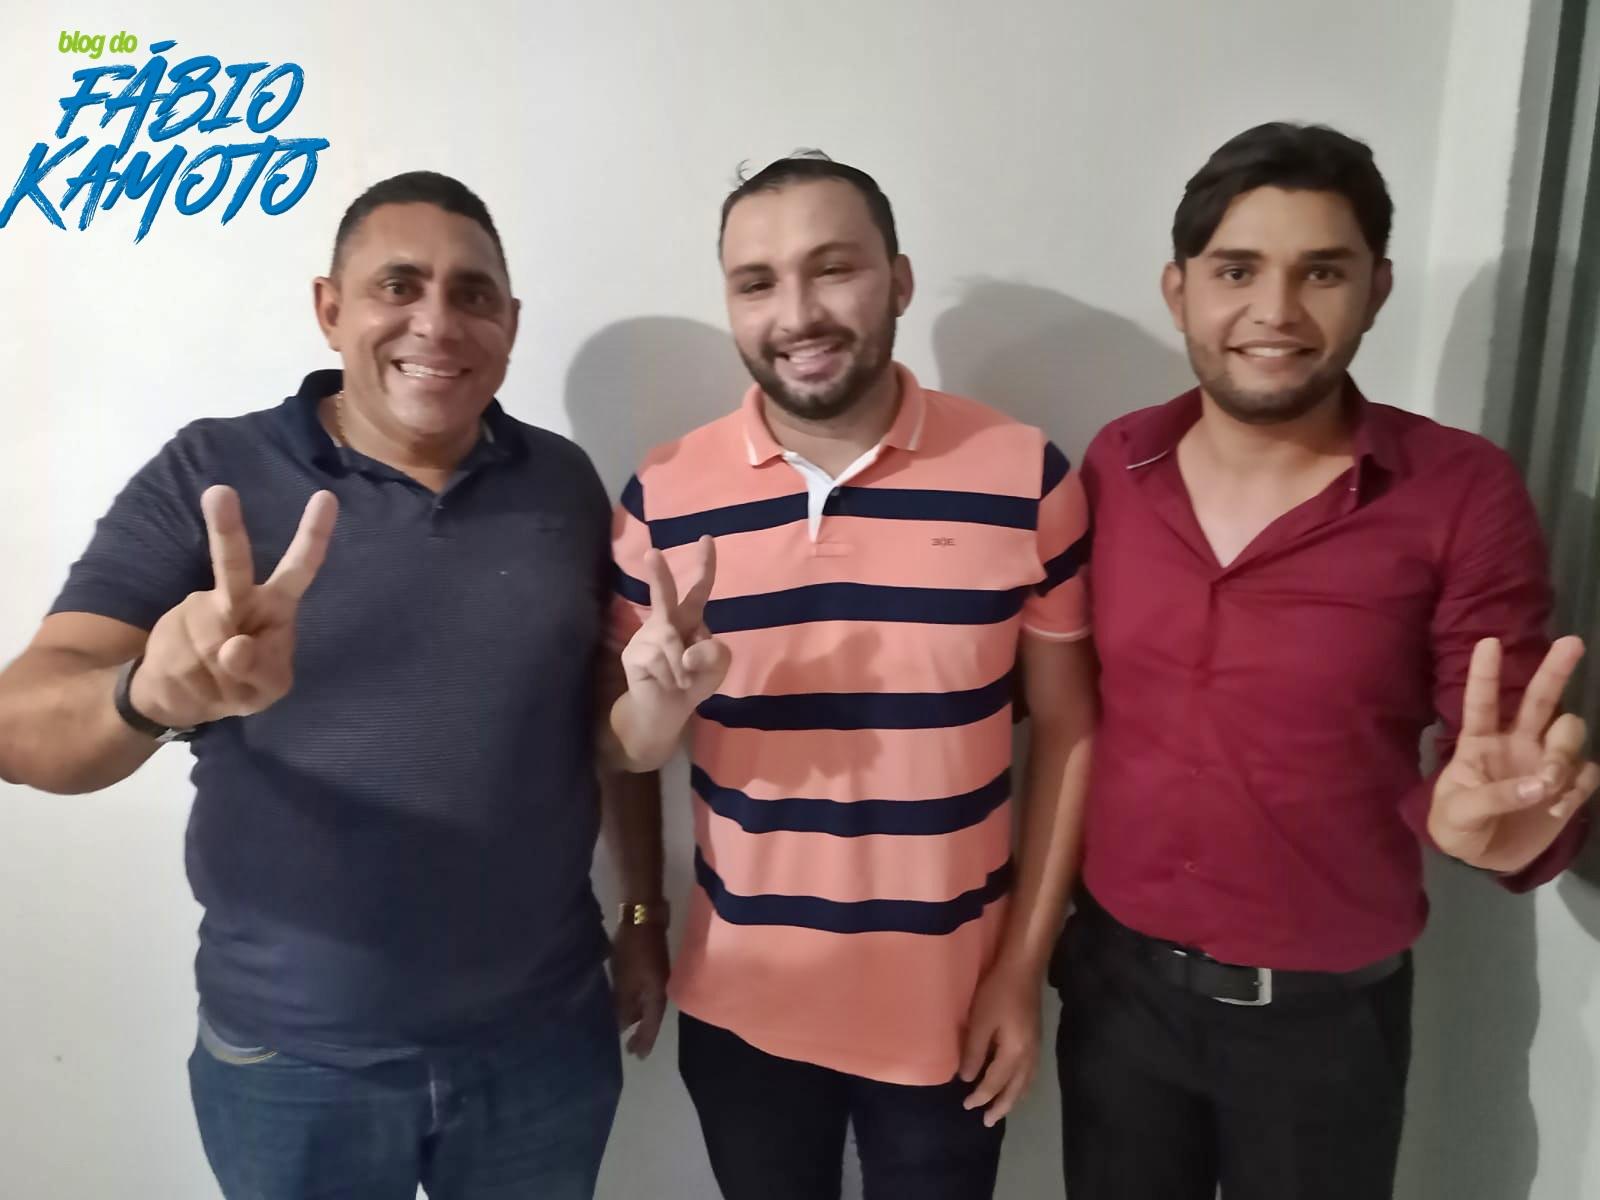 FELIPE2 - Vereador anuncia apoio a grupo governista na Câmara de Aparecida após deixar bloco de oposição